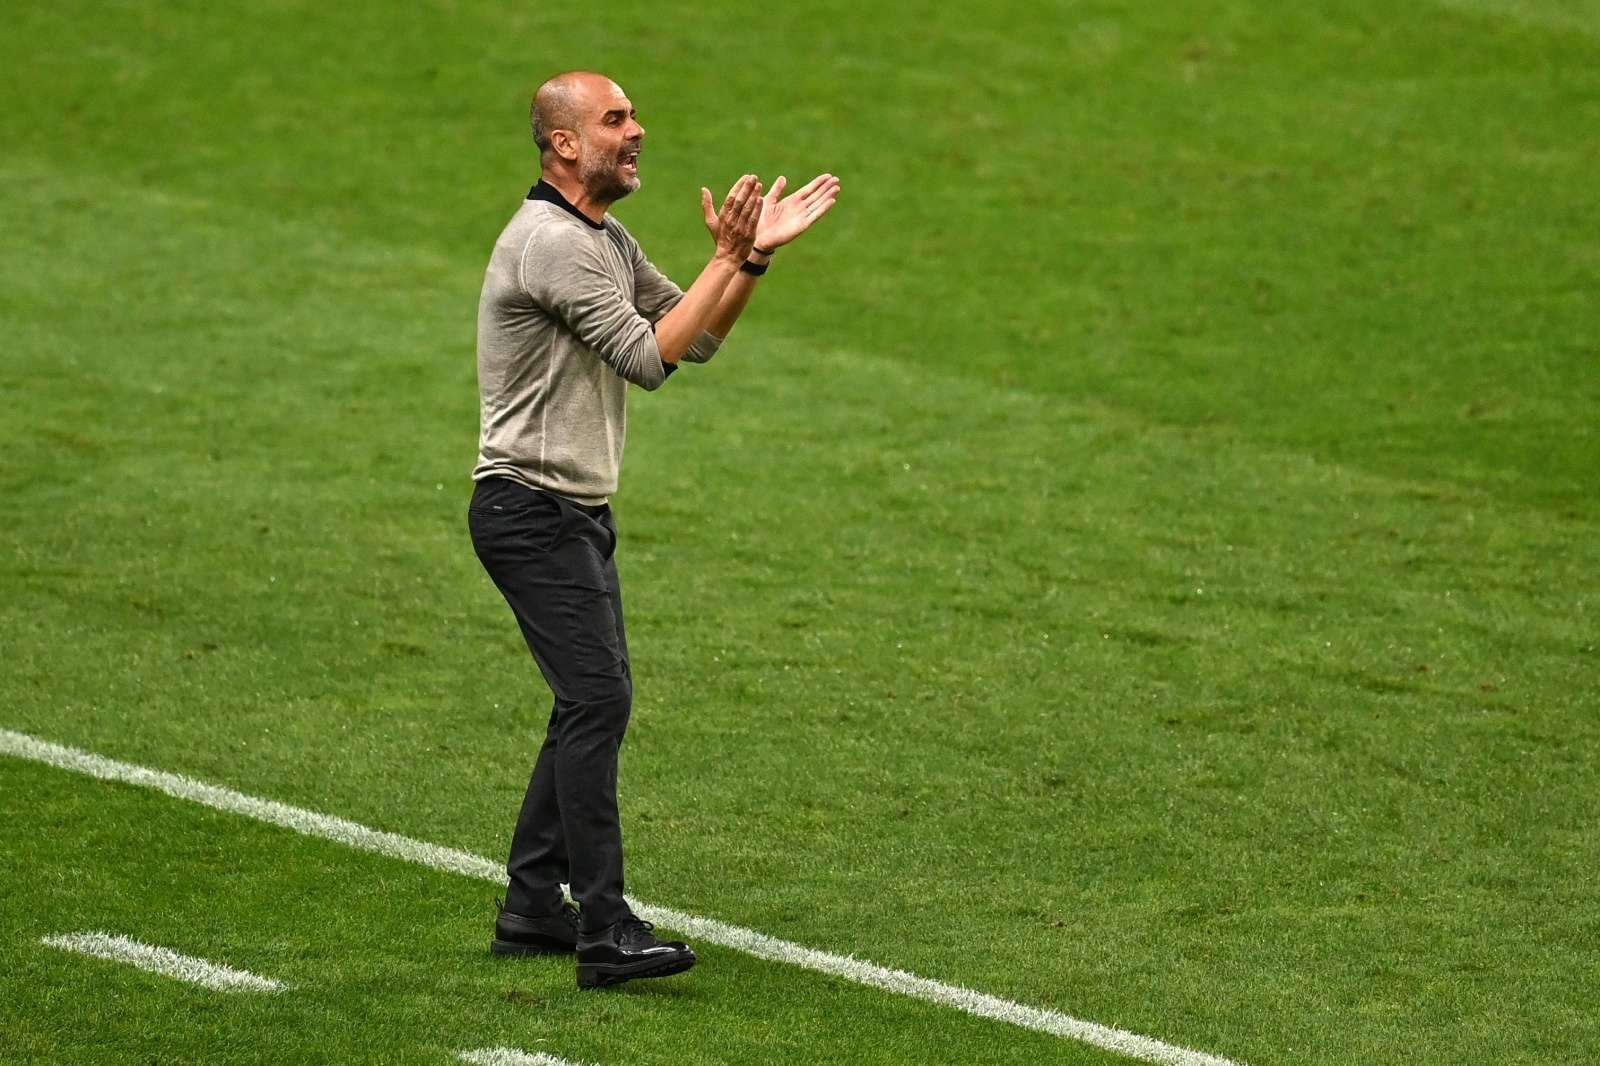 Гвардиола объяснил улучшение результатов «Манчестер Сити»: «Мы стали меньше бегать и больше ходить по полю»